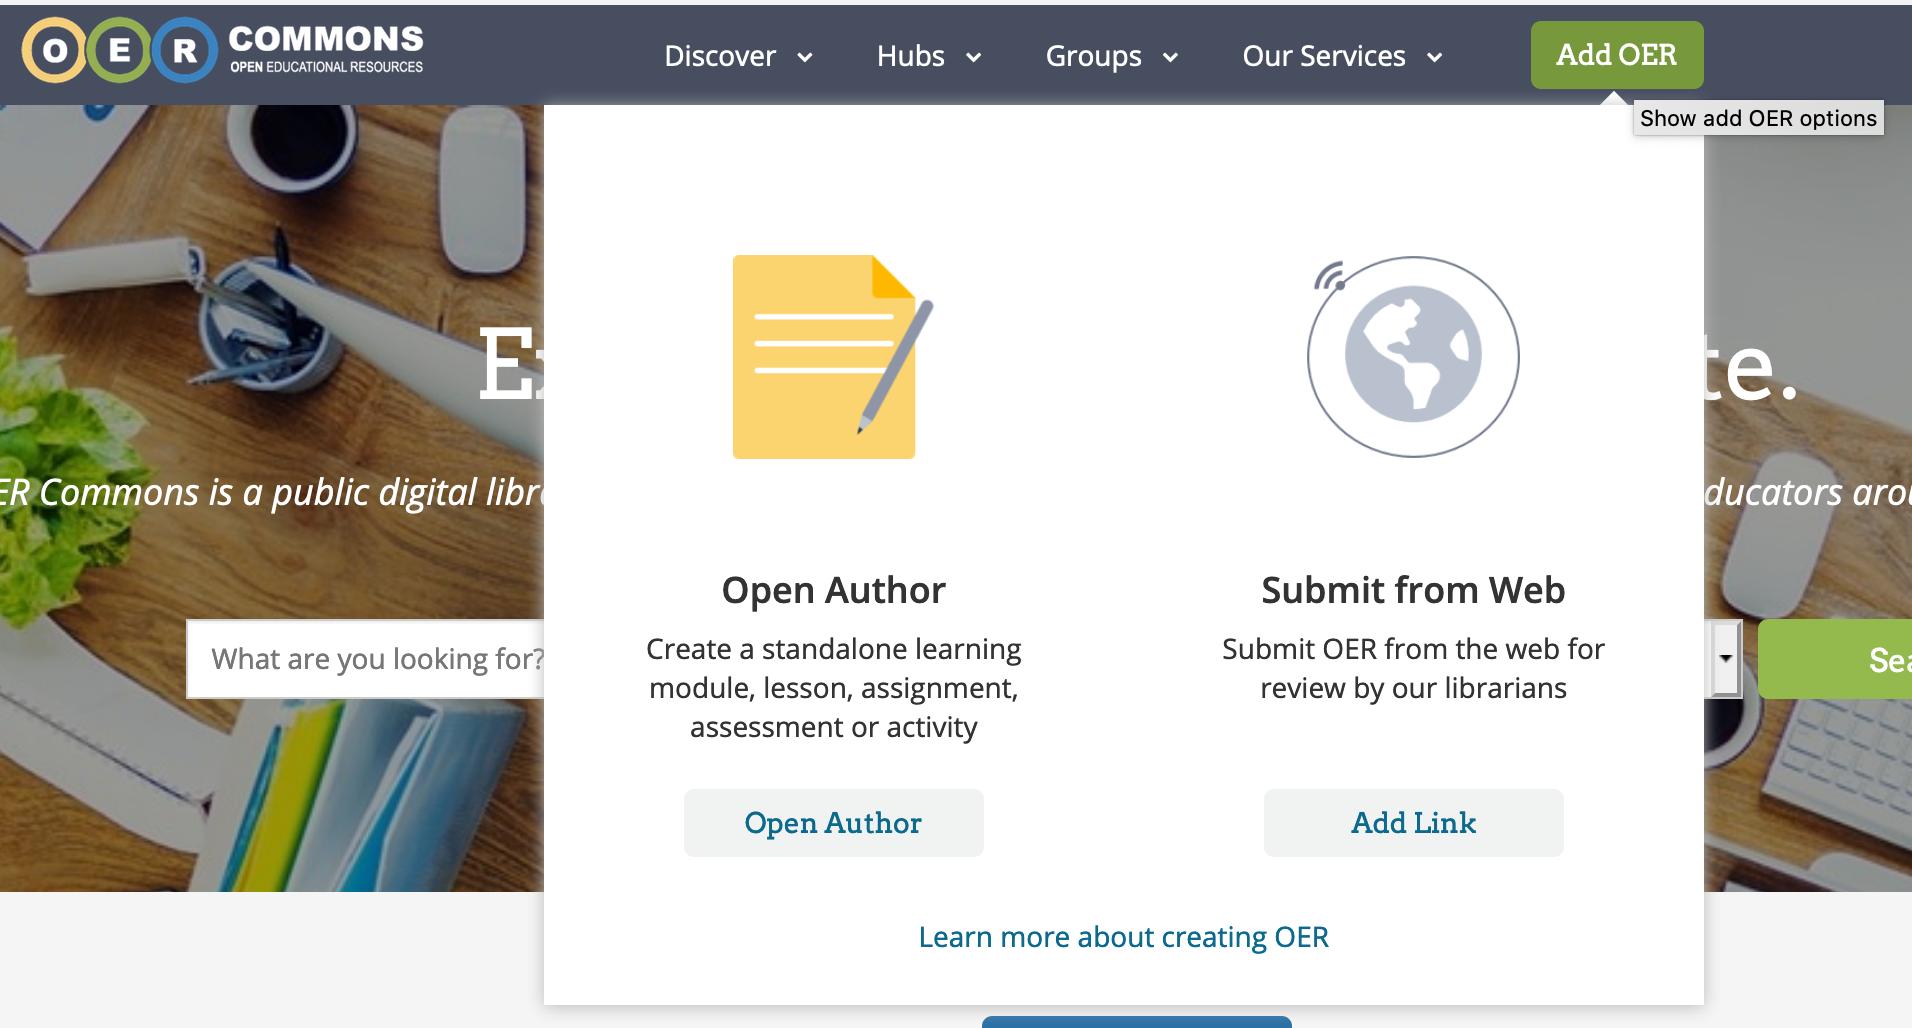 Screenshot of Add OER menu on OER Commons